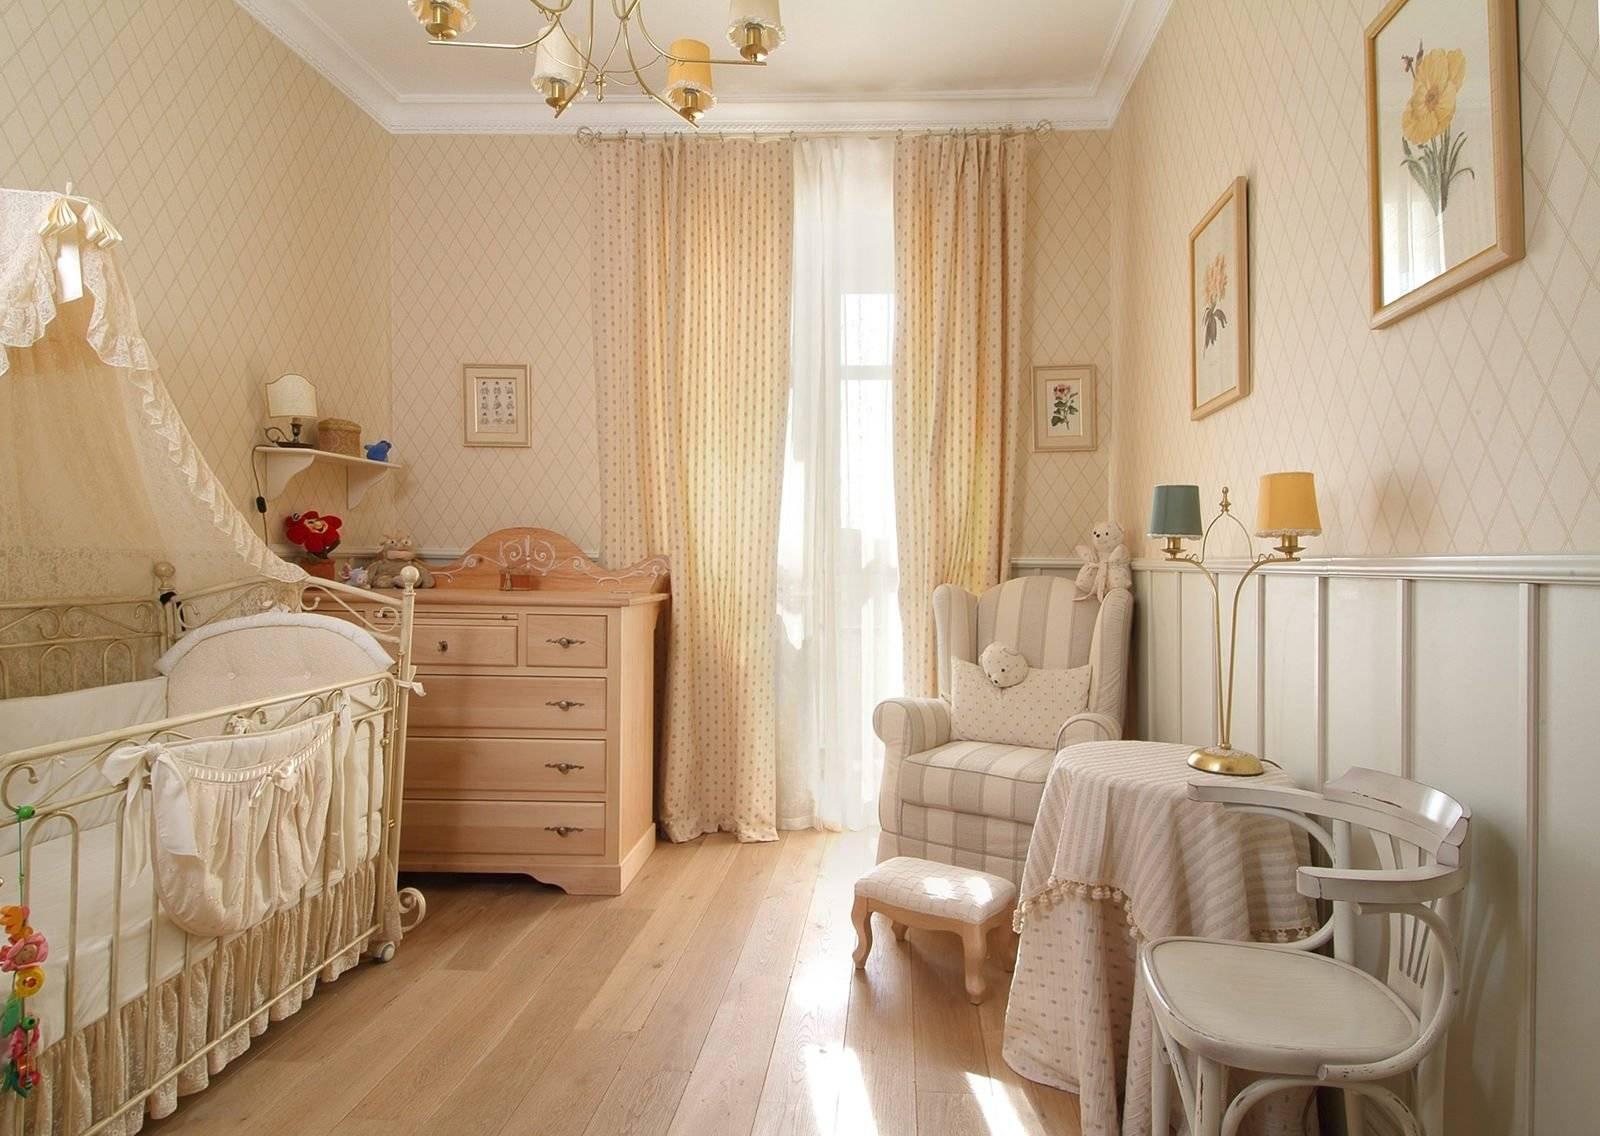 Спальня в стиле прованс: 75 фото идей создания уютного стиля